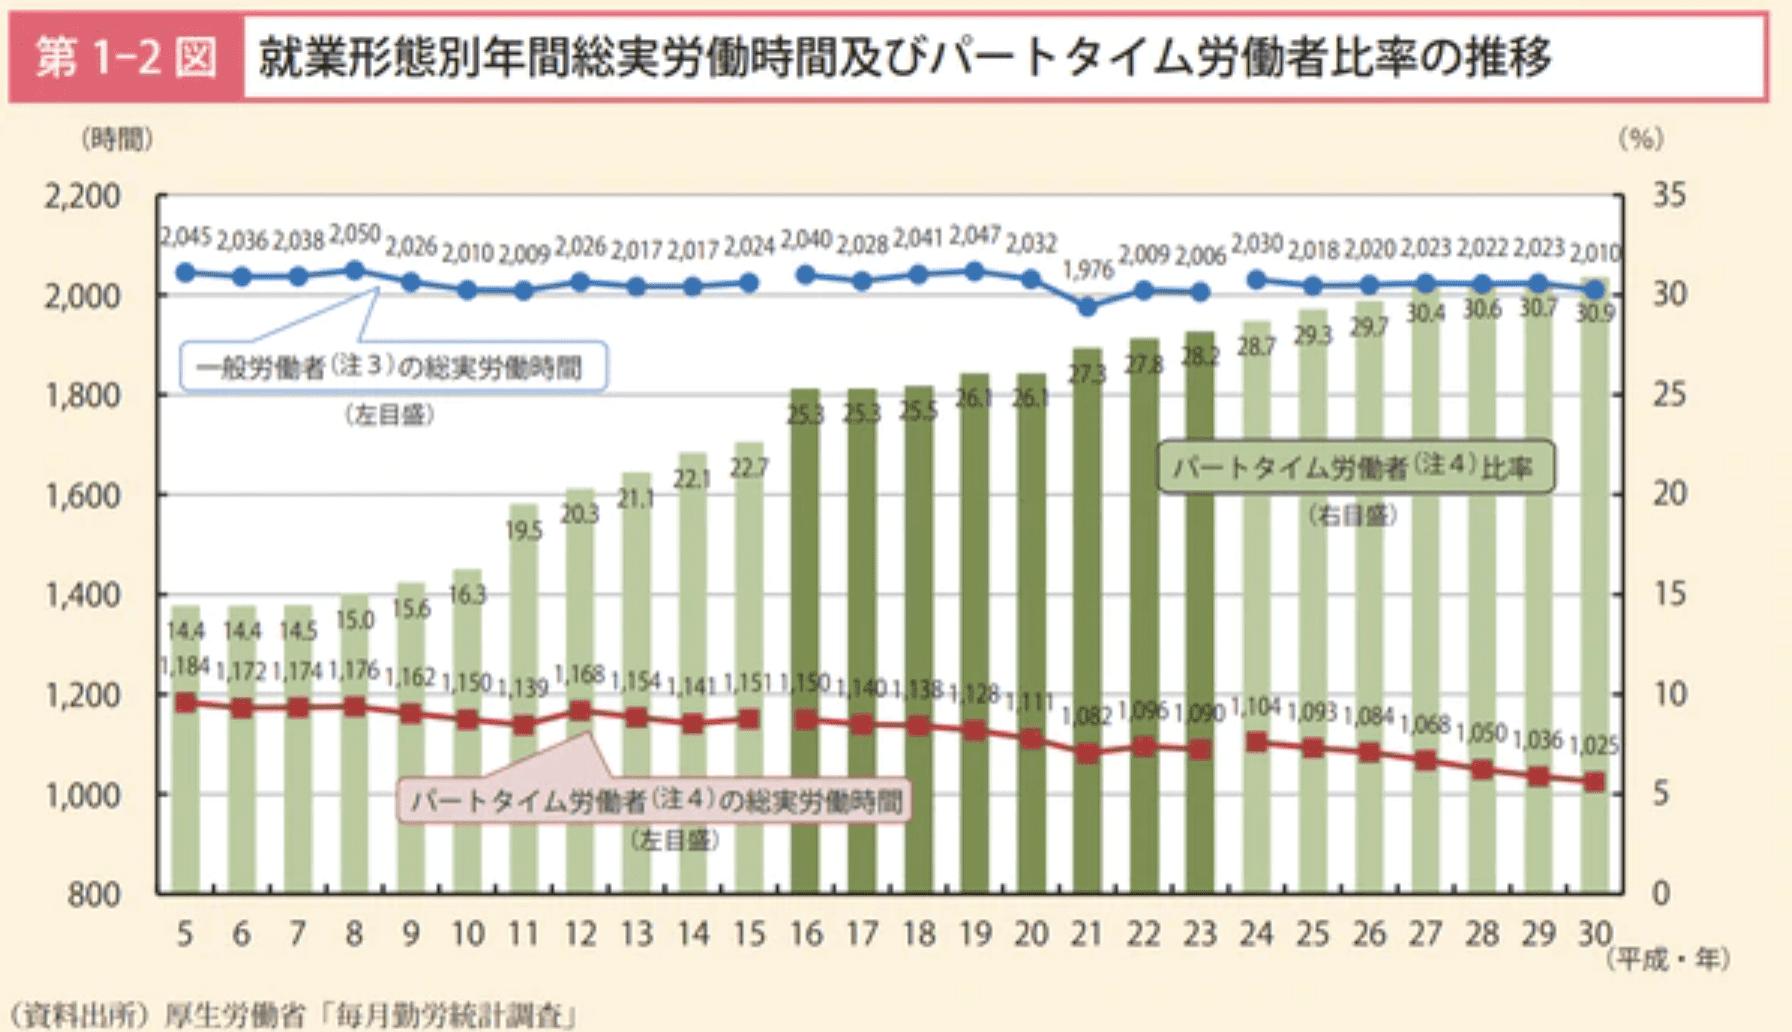 一般労働者(正社員)の労働時間は年間2000時間で高止まりしている。